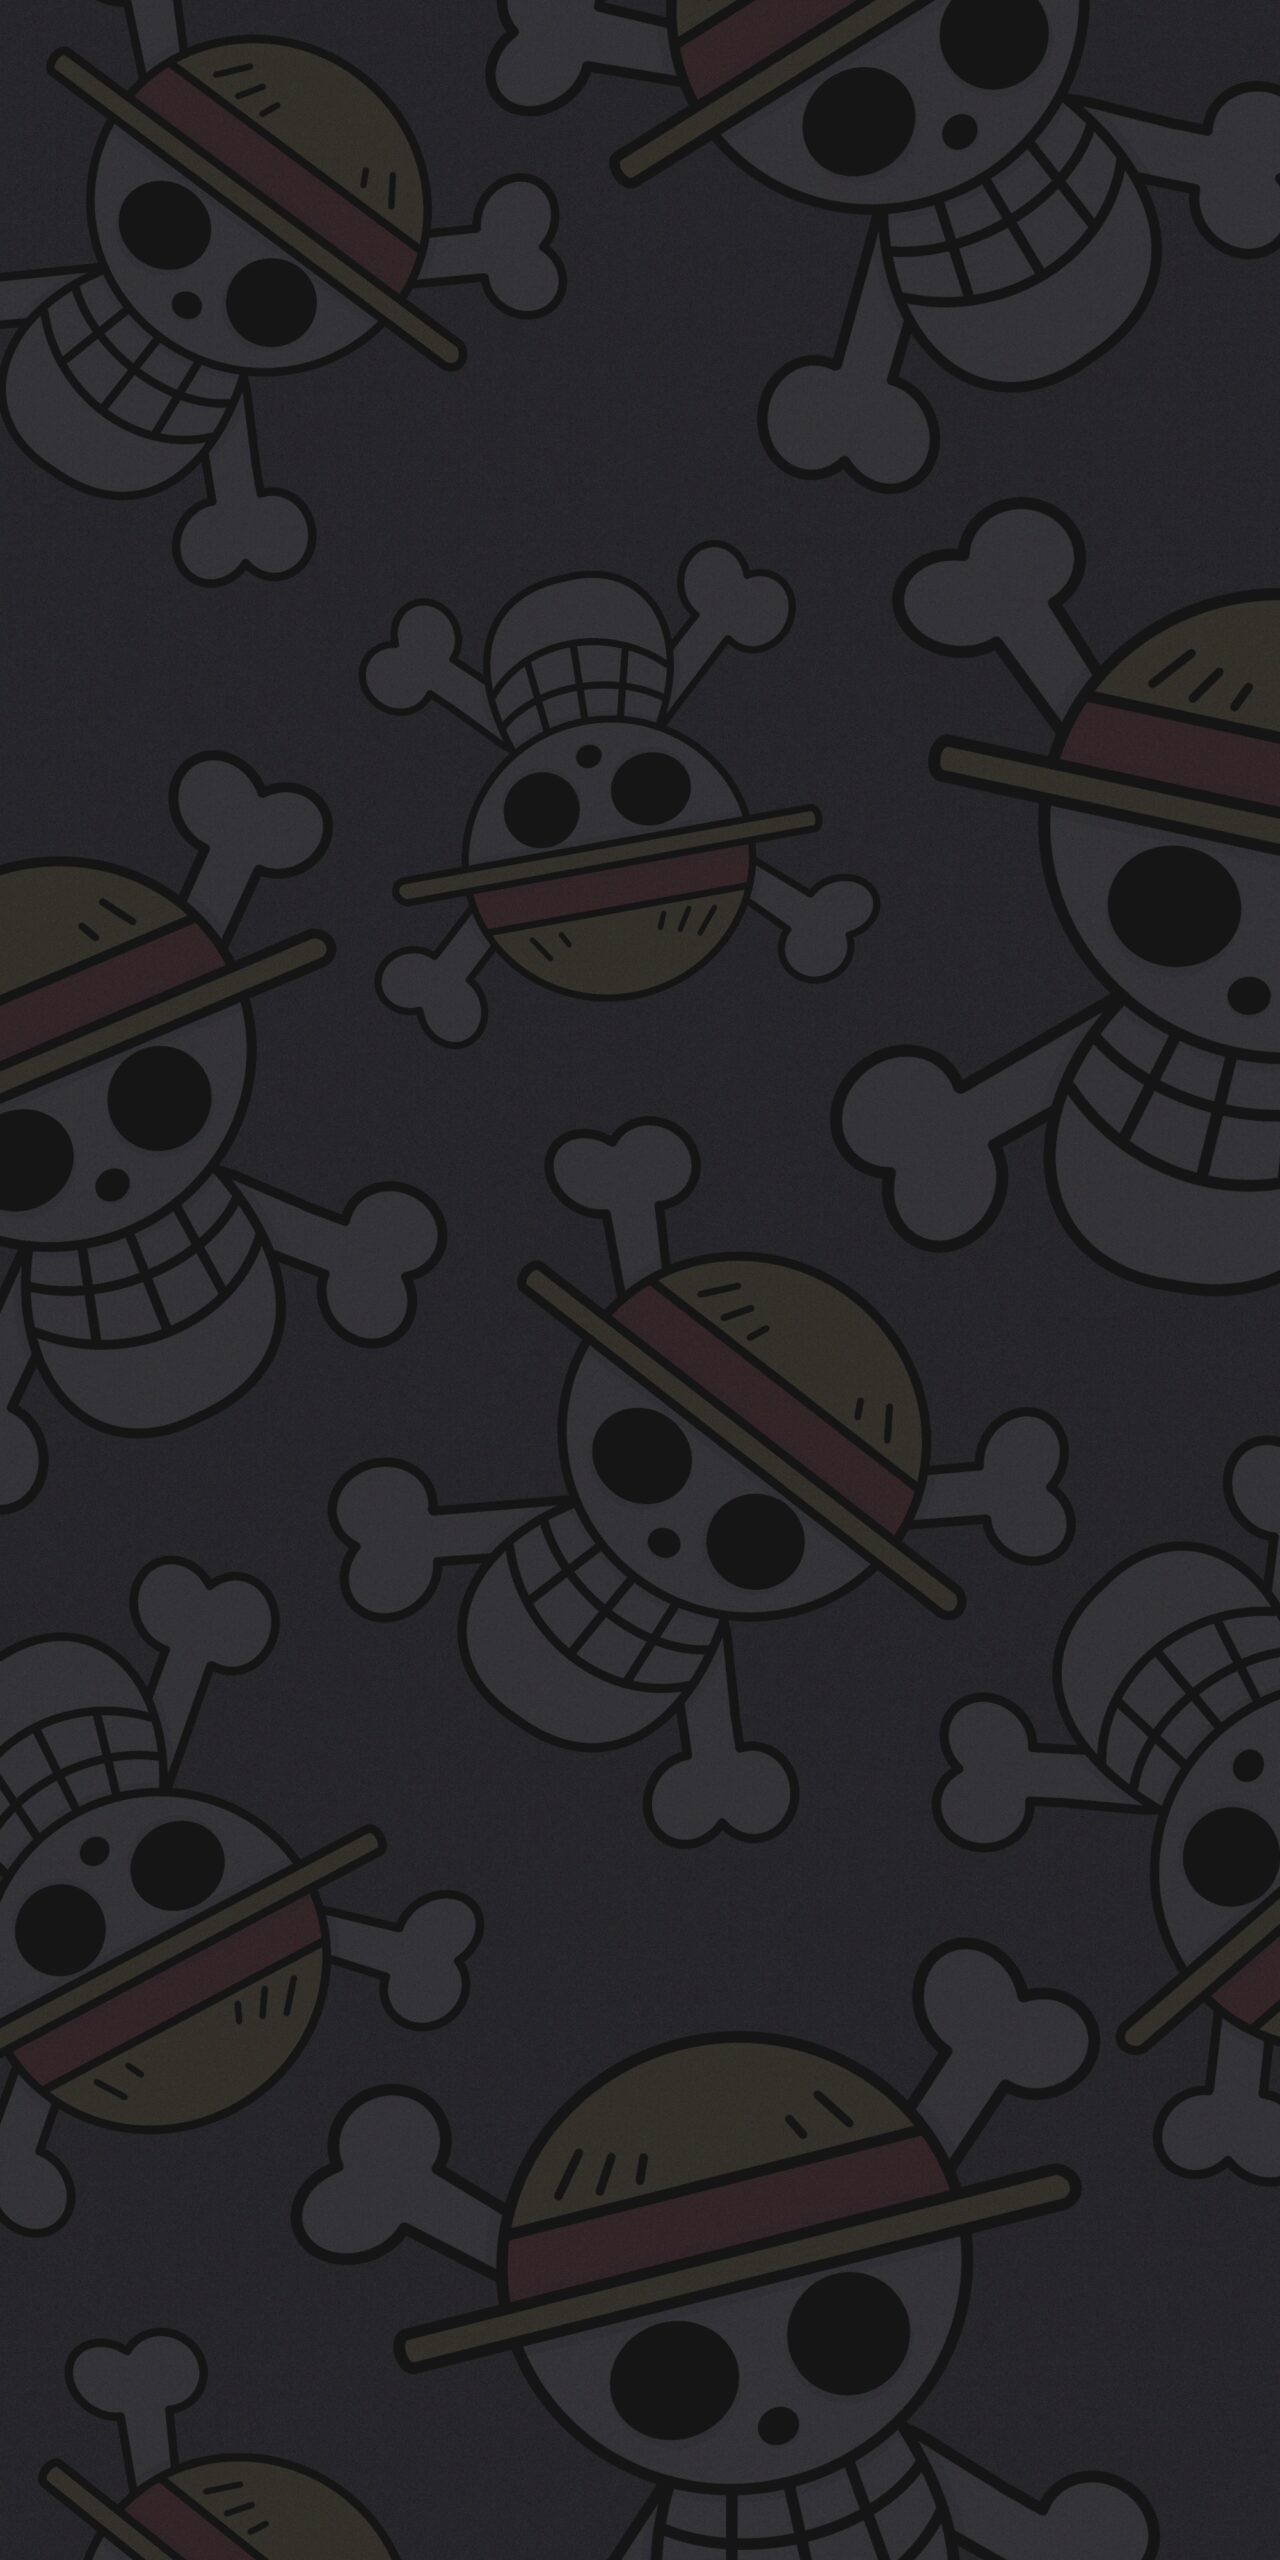 one piece straw hat pirates dark background wallpaper